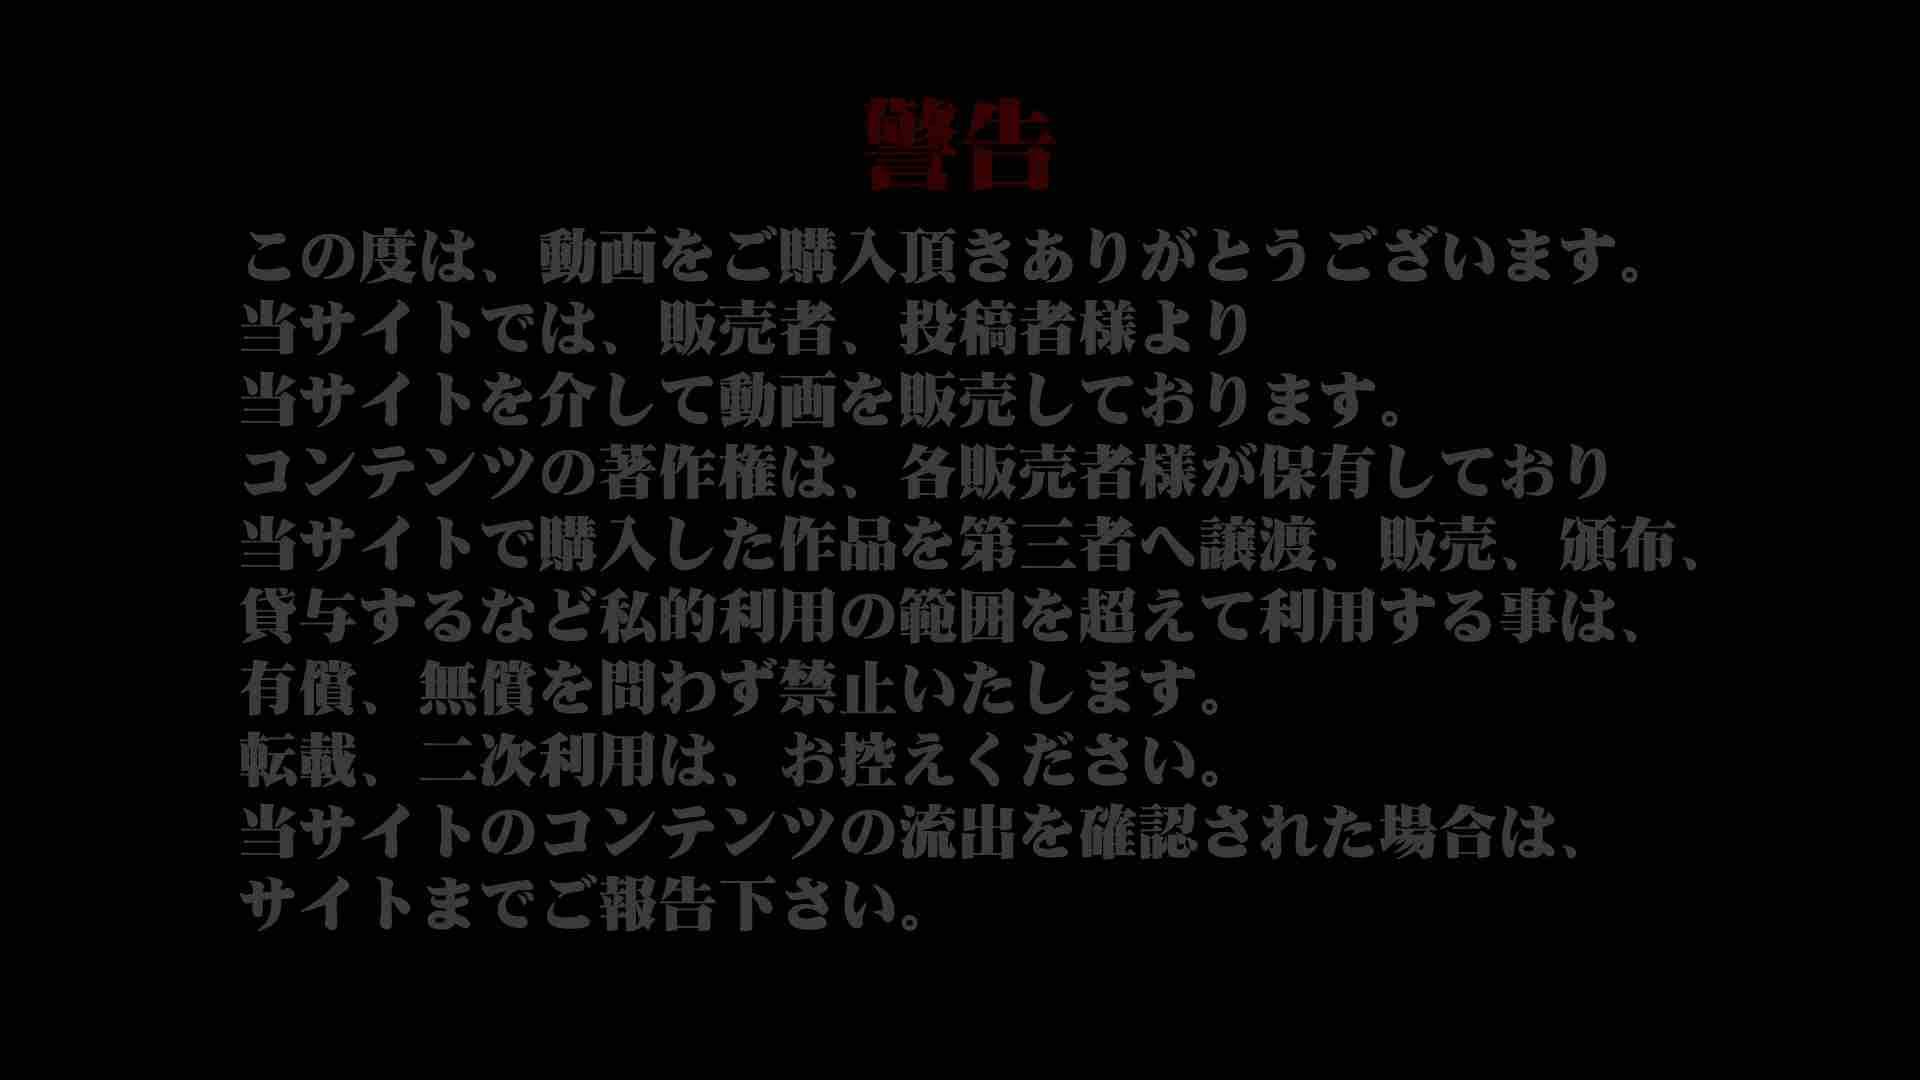 レースクィーントイレ盗撮!Vol.15 レースクィーンのカラダ   マンコバッチリ  11pic 1